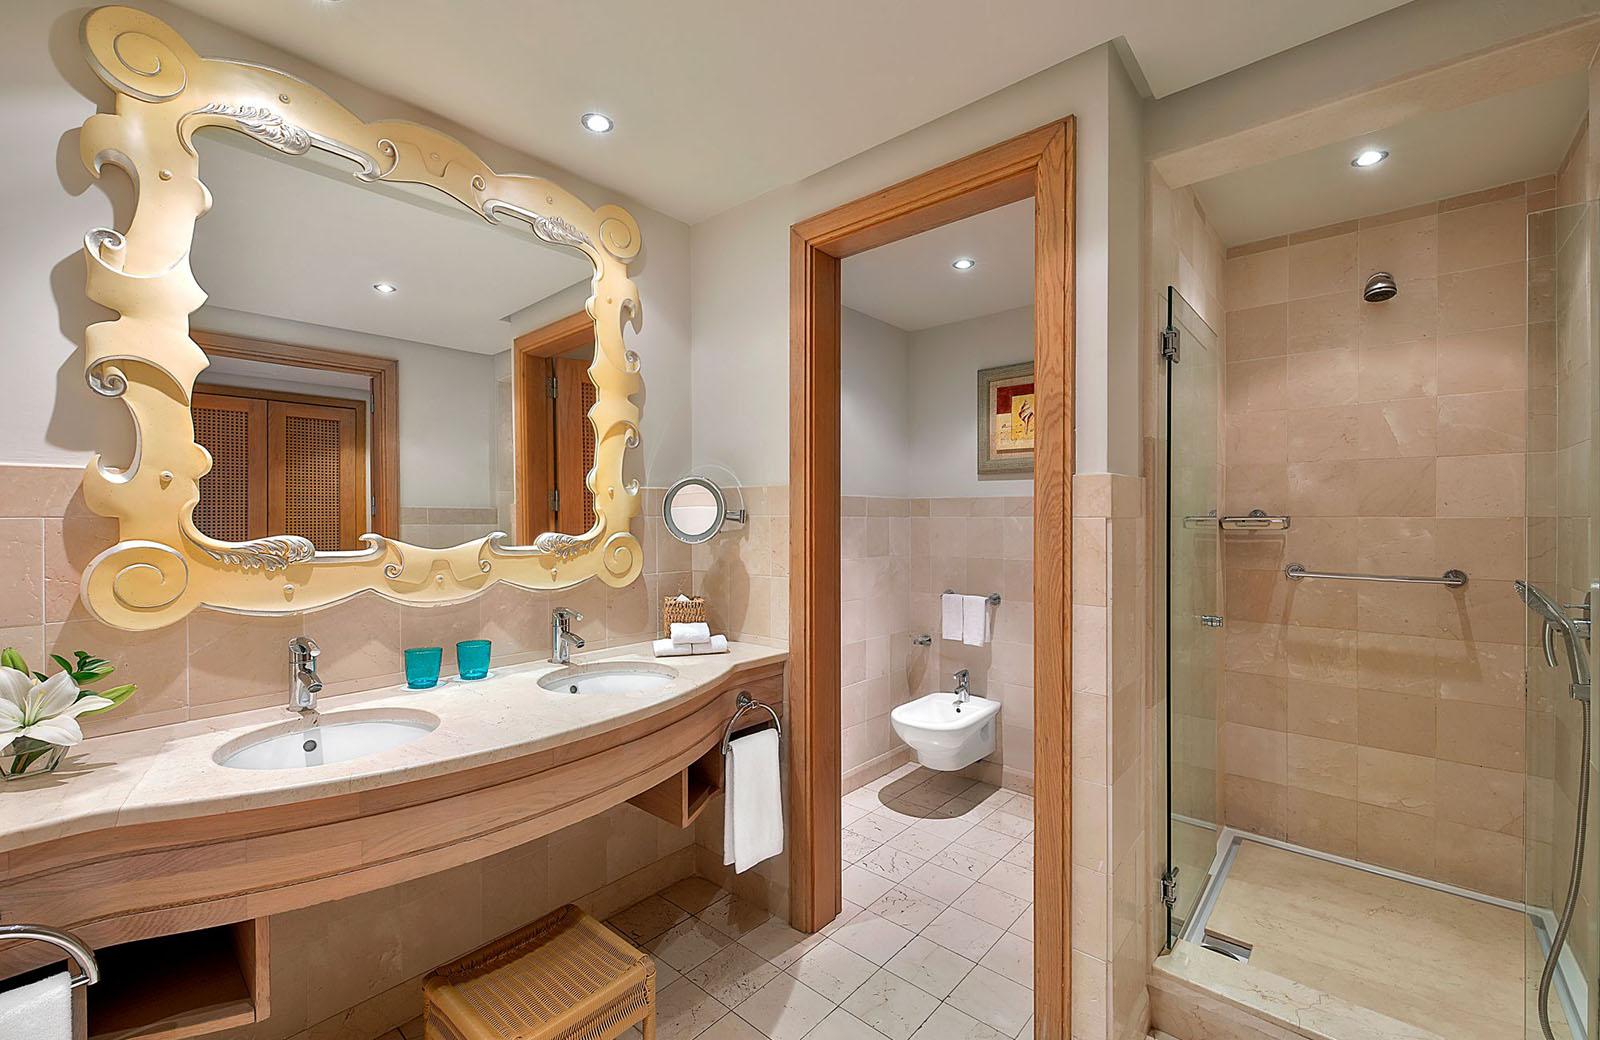 the-ritz-carlton-abama-bachcare-deluxe-room-bathroom